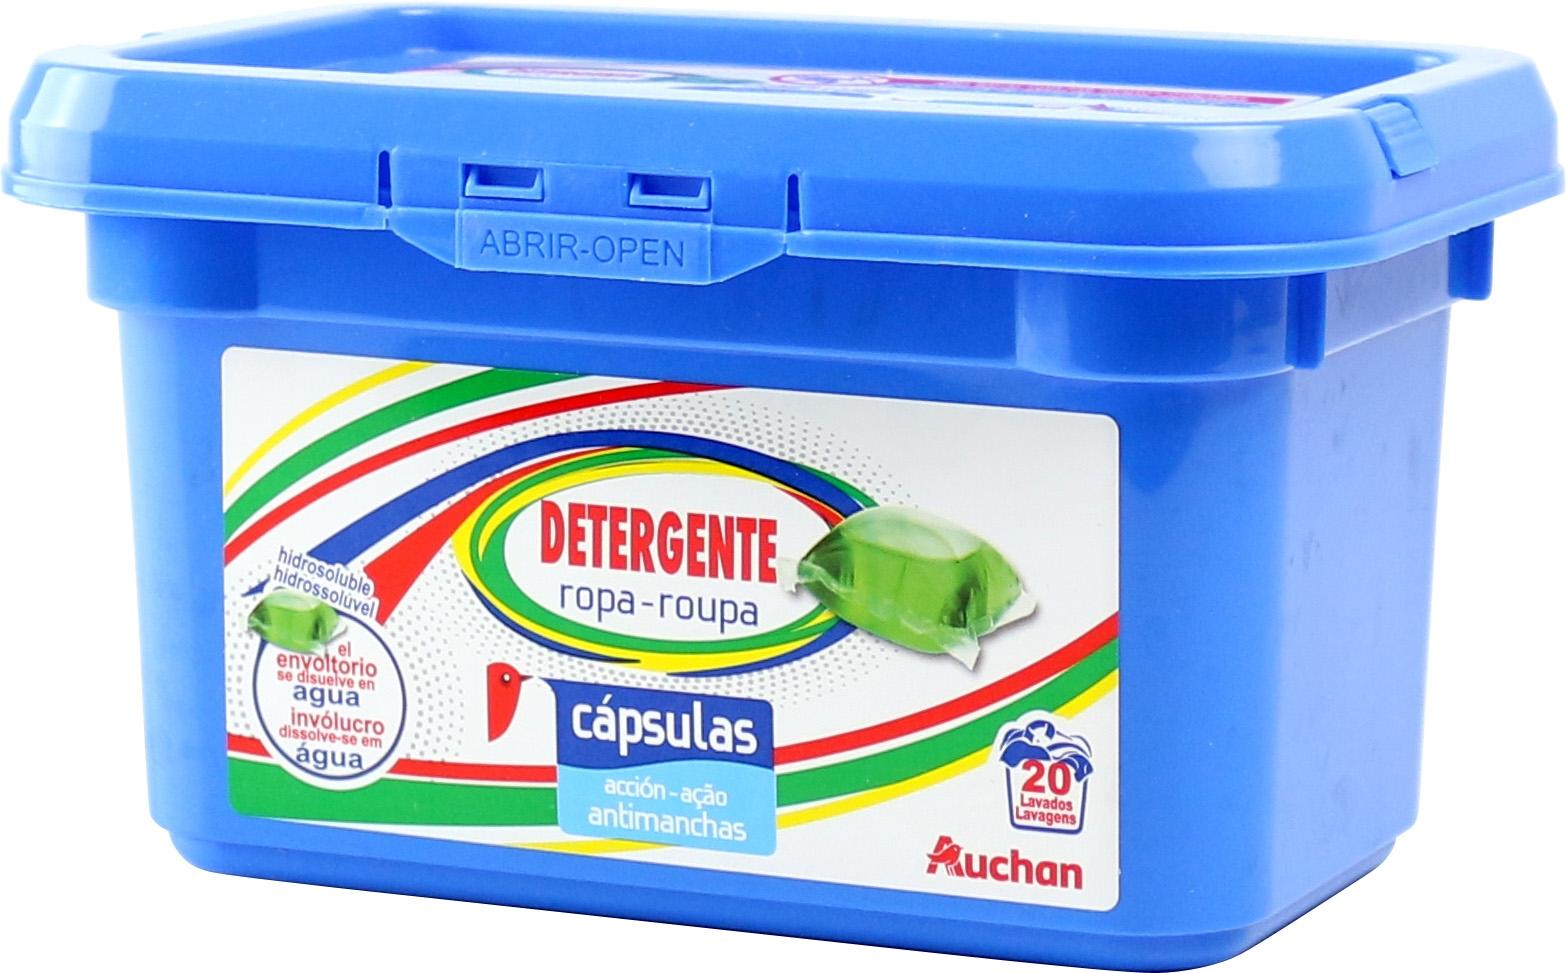 An Lisis De Auchan Alcampo Detergente Ropa Capsulas Comparador  ~ Mejor Detergente Lavadora Calidad Precio